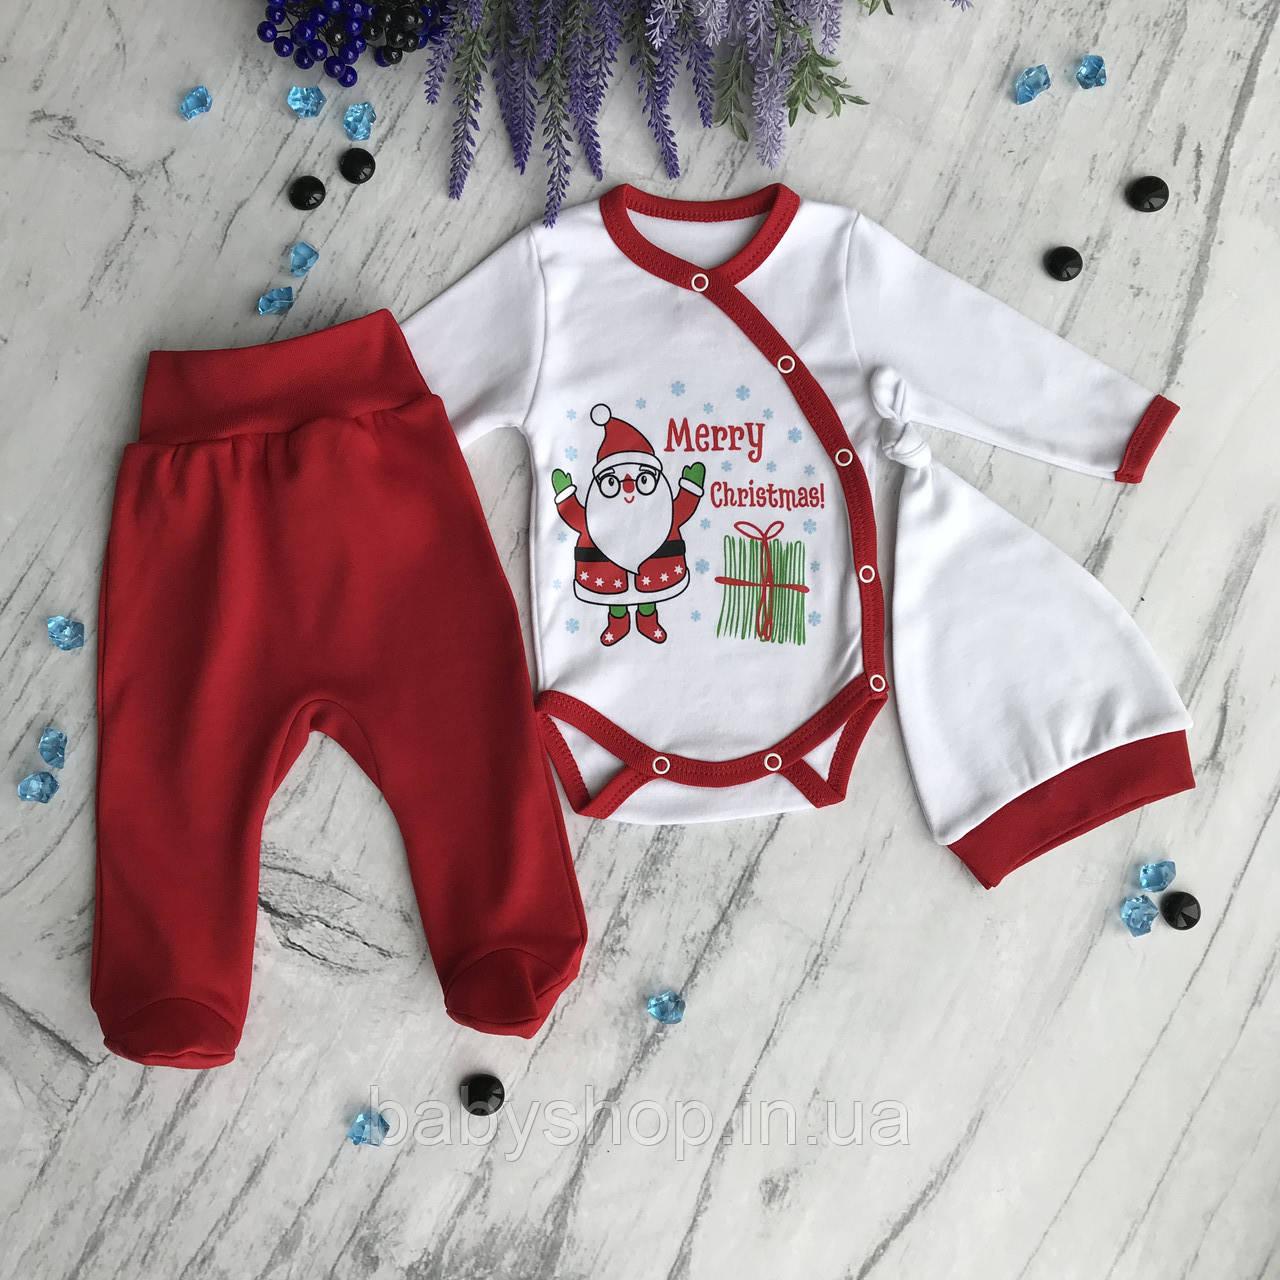 Новогодний костюм из 3 предметов на мальчика и девочку 11. Размер 74 см